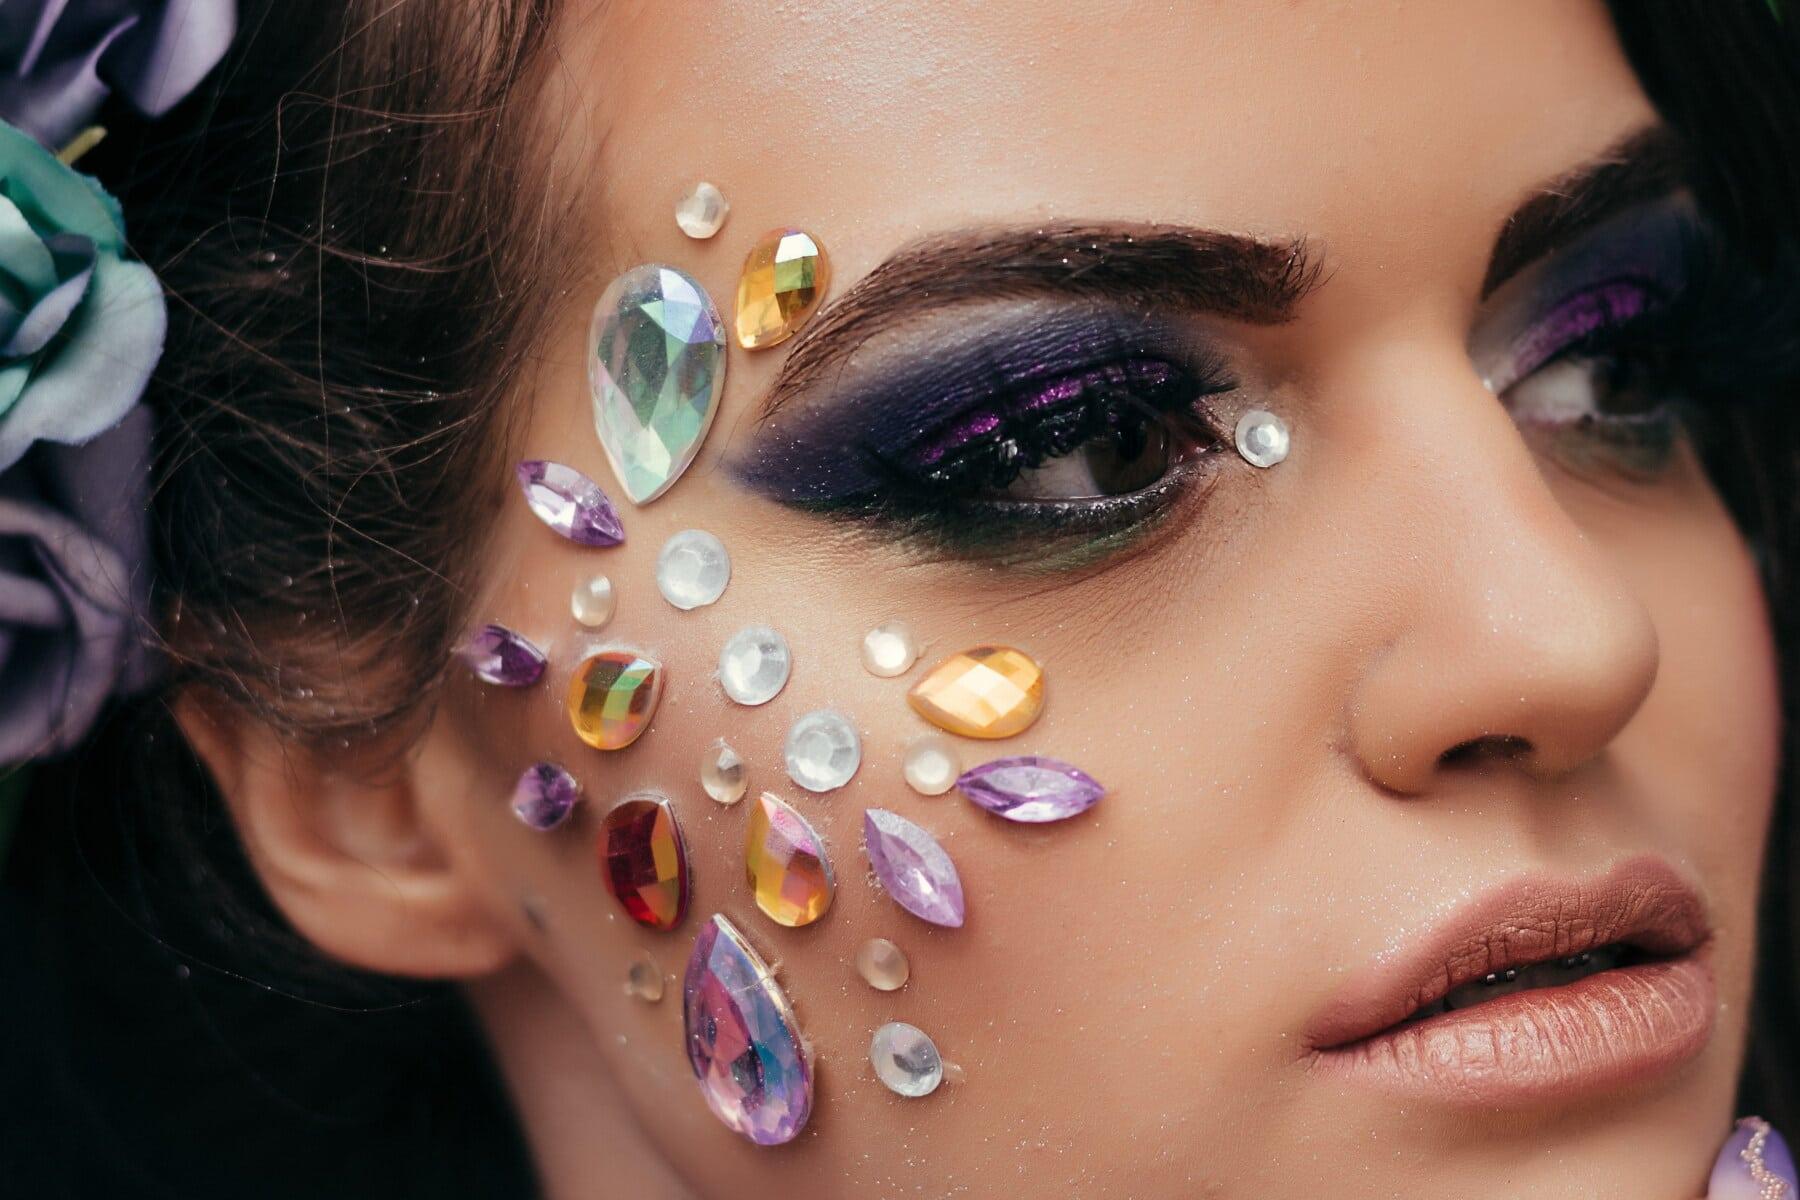 симпатична дівчина, помада, макіяж, вражаючі, мода, око, гламур, жінка, красивий, обличчя